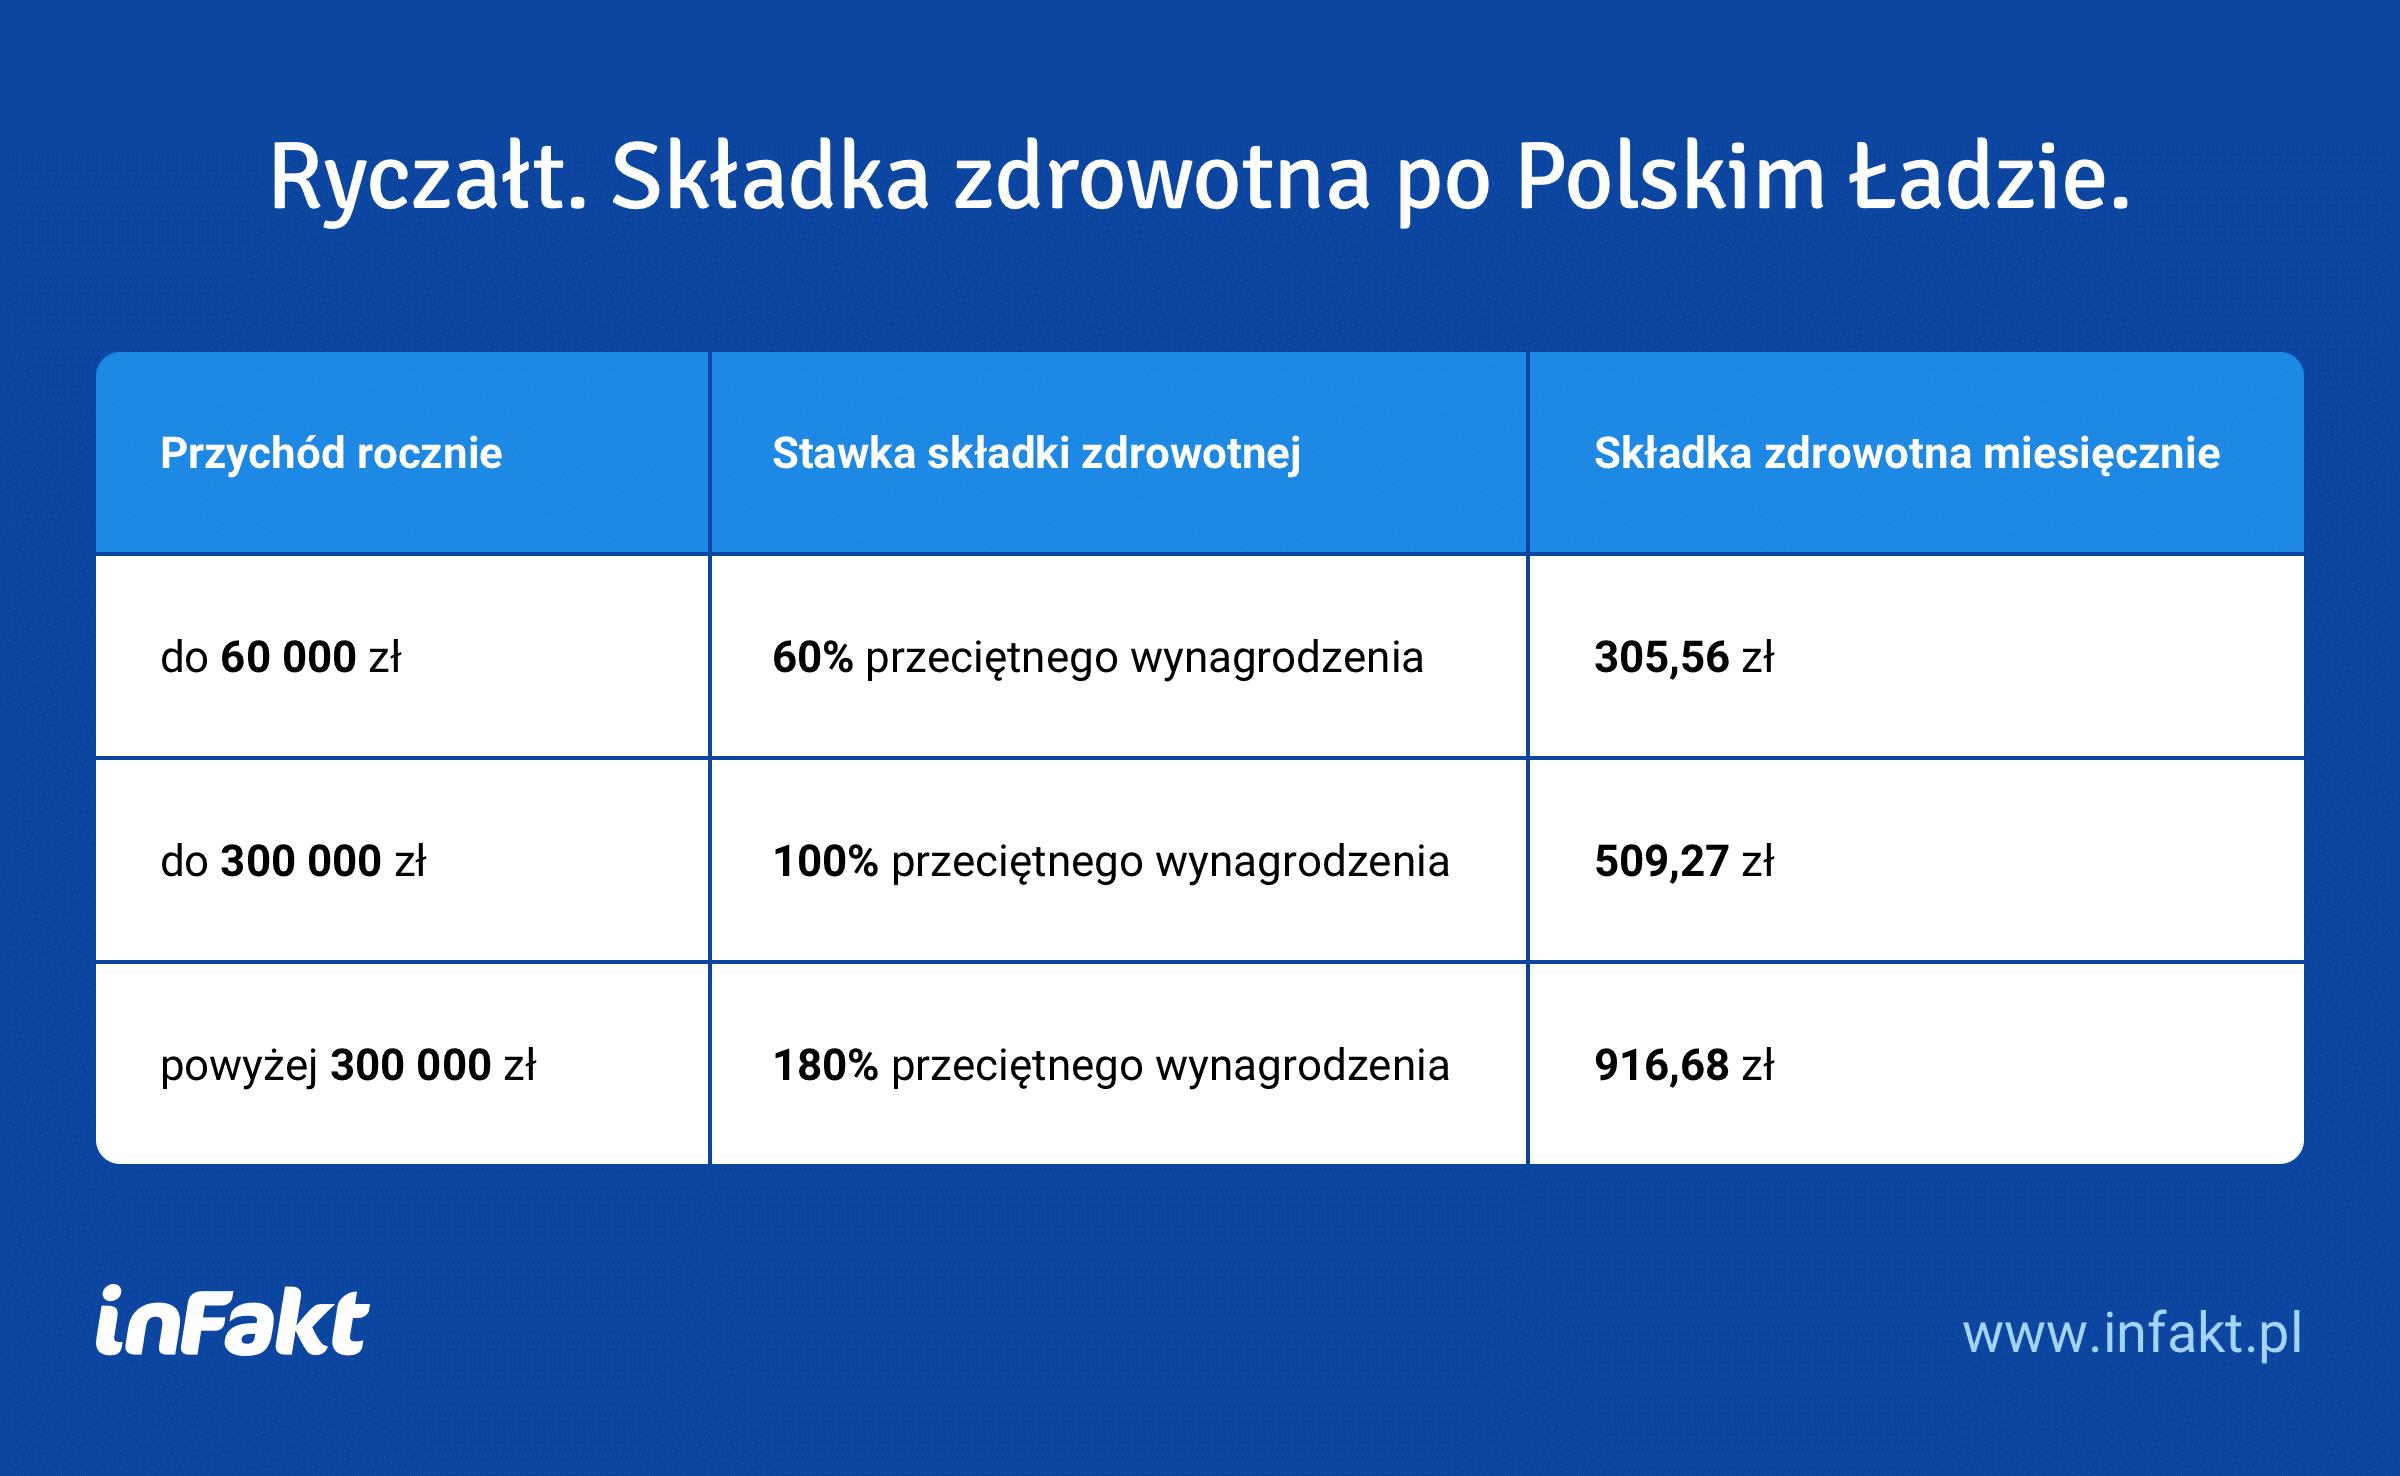 Składka zdrowotna po Polskim Ładzie – ryczałt